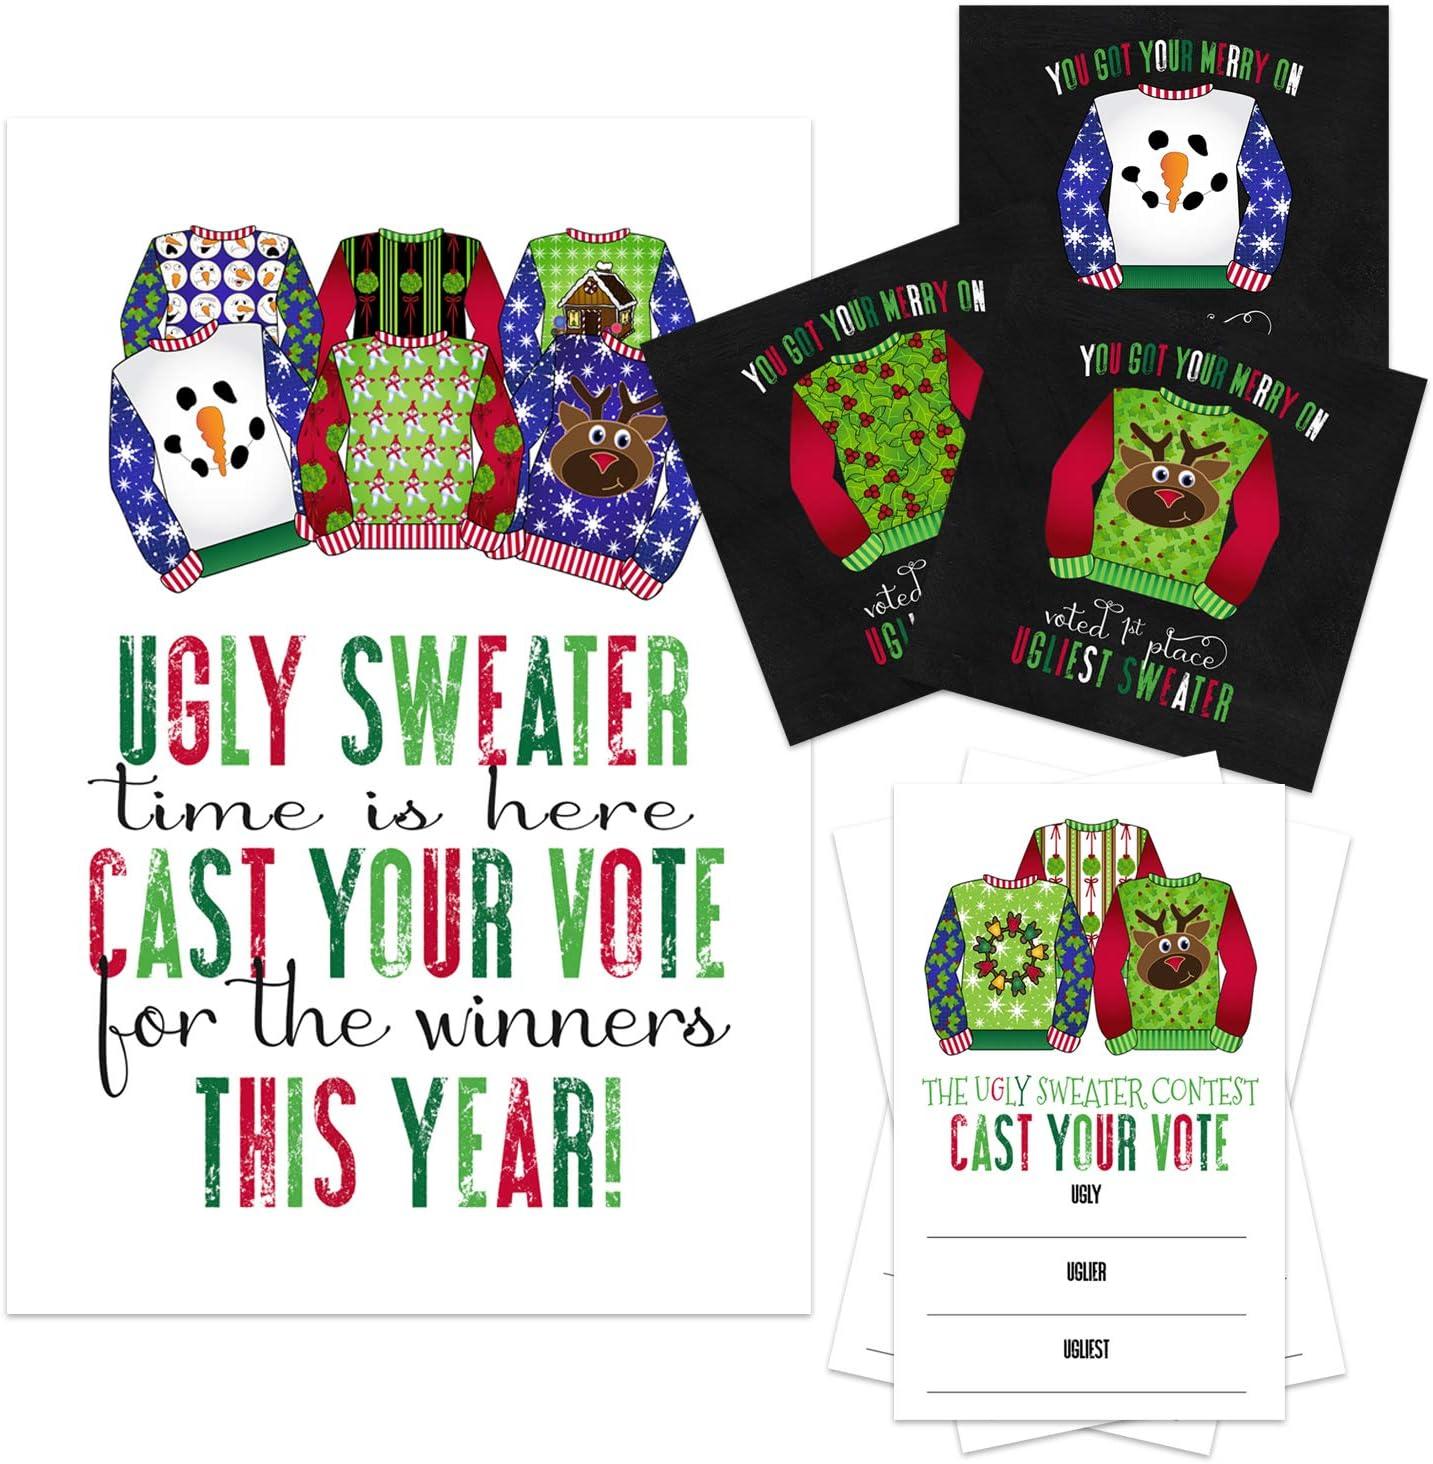 Suministros para fiestas de suéter feo, juegos de Navidad, incluye tarjetas de voto, cartel y pegatinas para ganadores multiusos: Amazon.es: Salud y cuidado personal